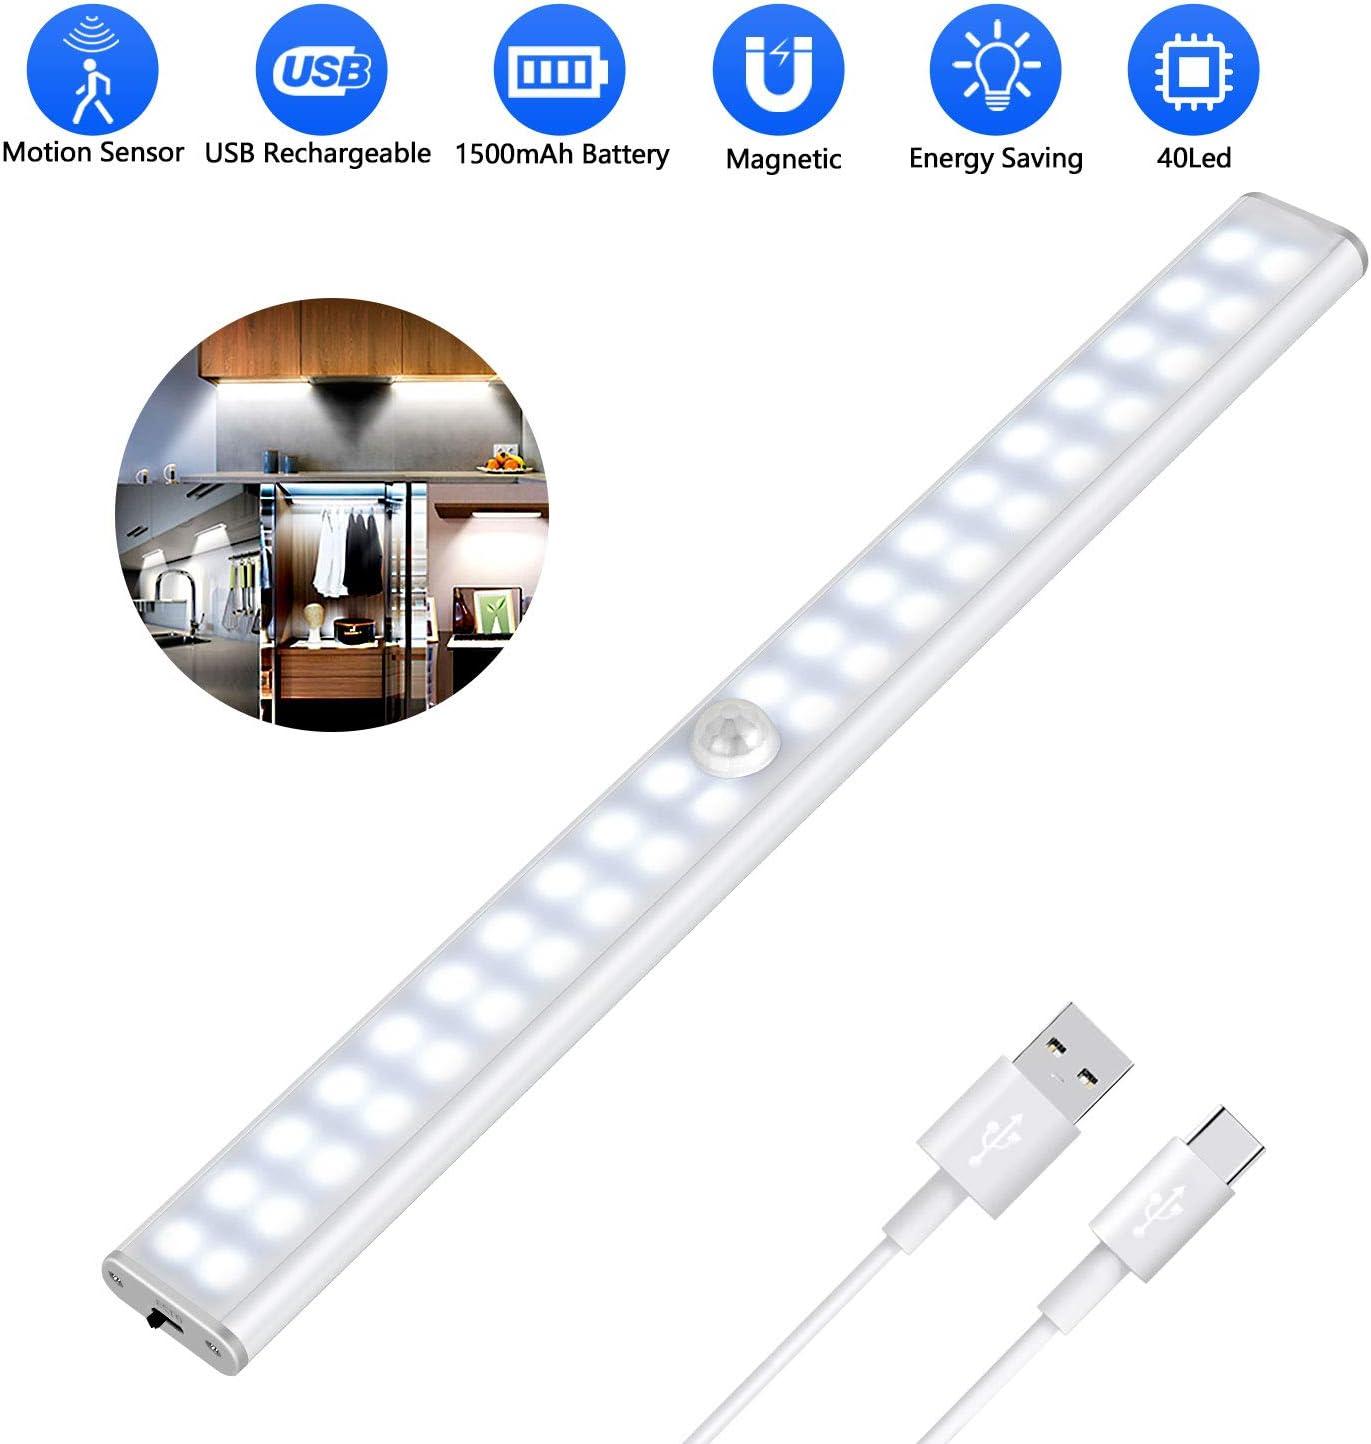 Luz Armario 40 LED, USB Recargable Luces LED Armario con Sensor Movimiento, 3 Modos Lámpara LED de Armario con Tira Magnética, para Armario, Cocina, Escalera, Pasillo y Emergencias: Amazon.es: Iluminación